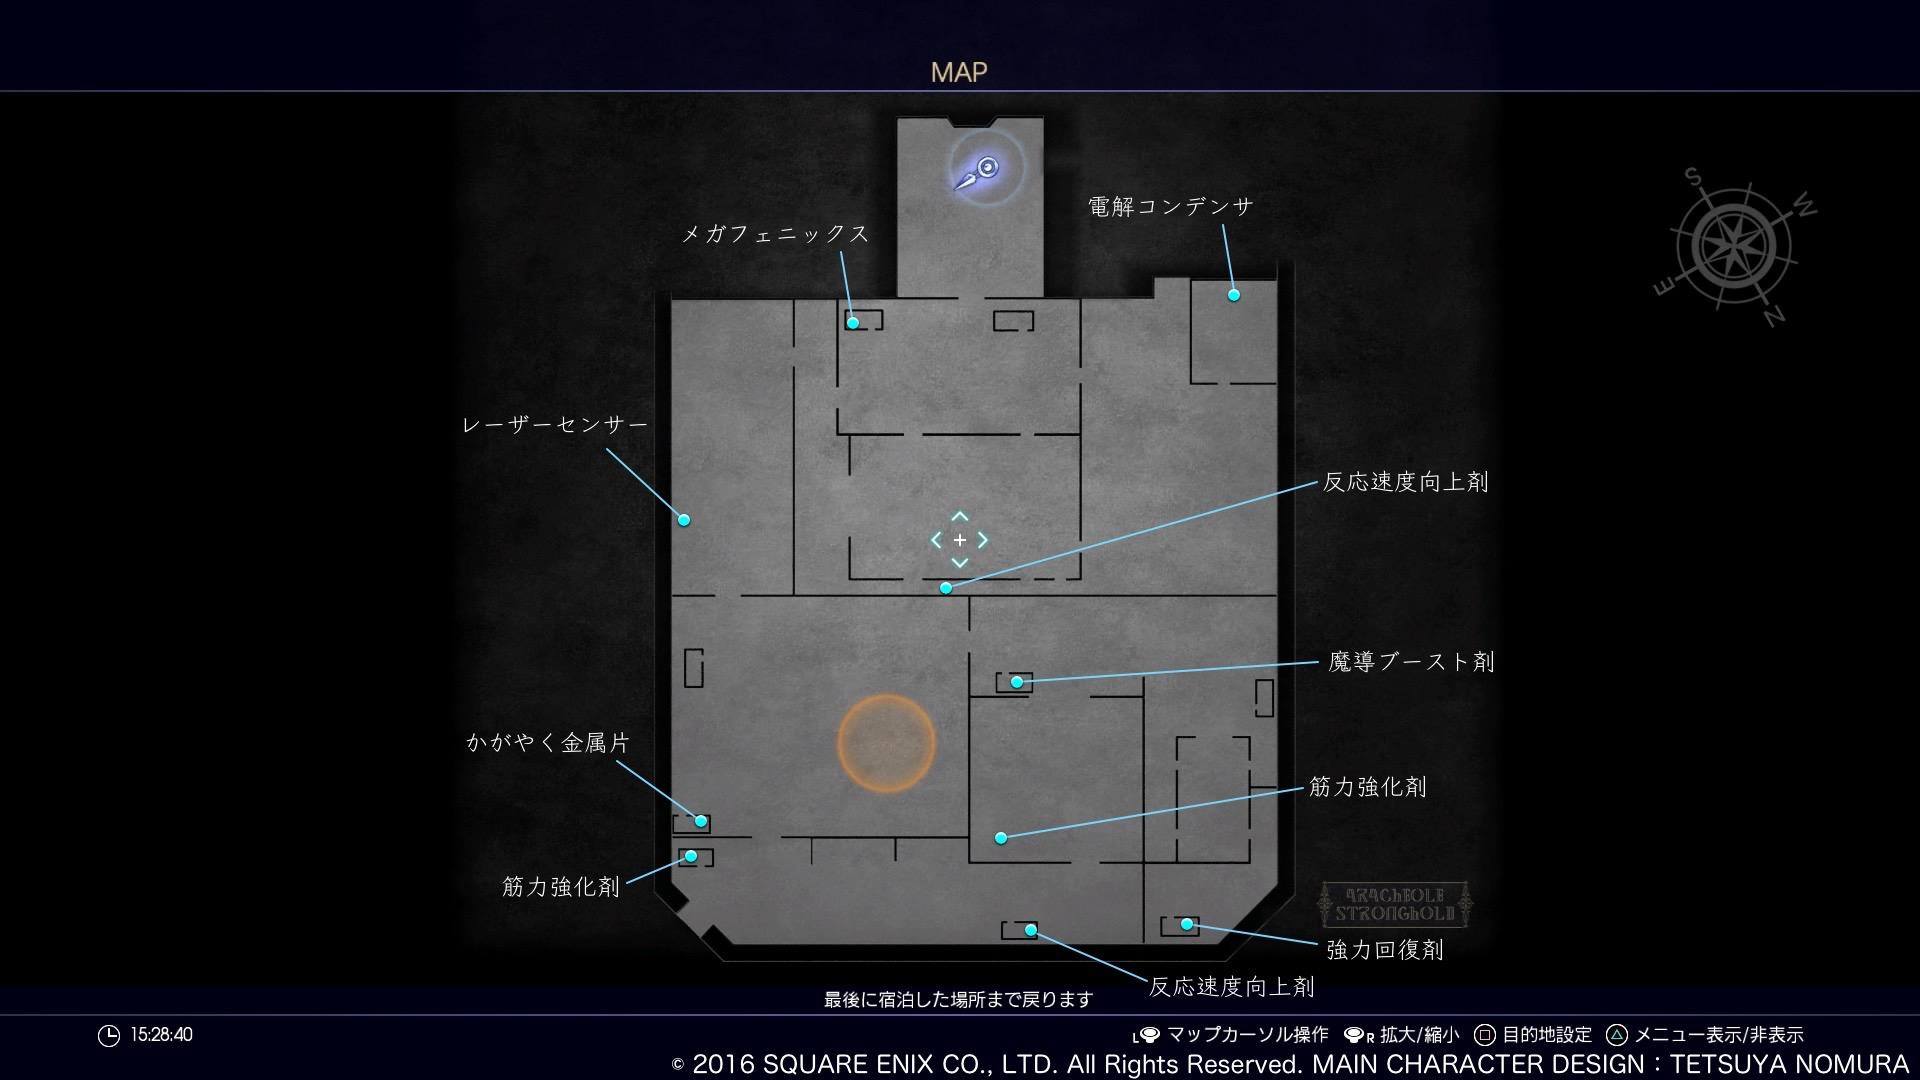 MAP・アラケオル基地